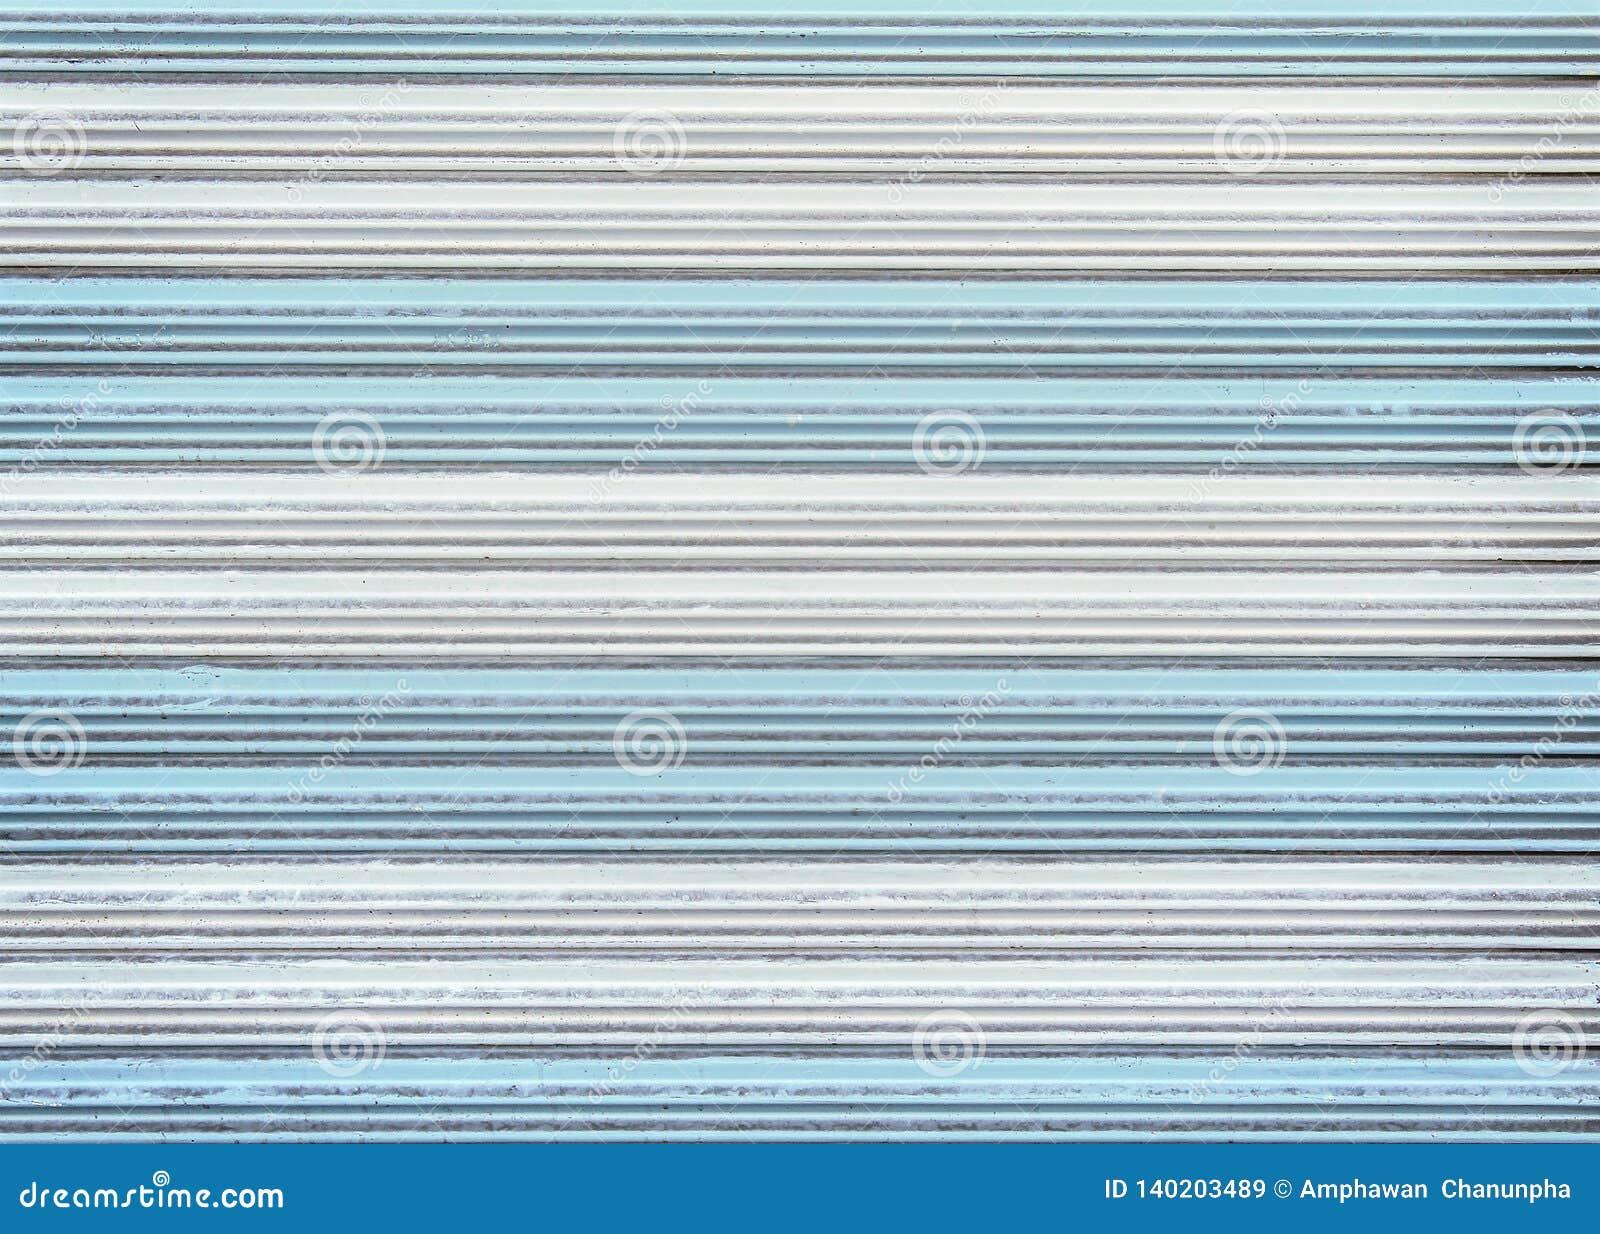 Modèles de vieille texture en acier de roulement blanche et bleue colorée de porte ou de porte de volet de rouleau pour le fond